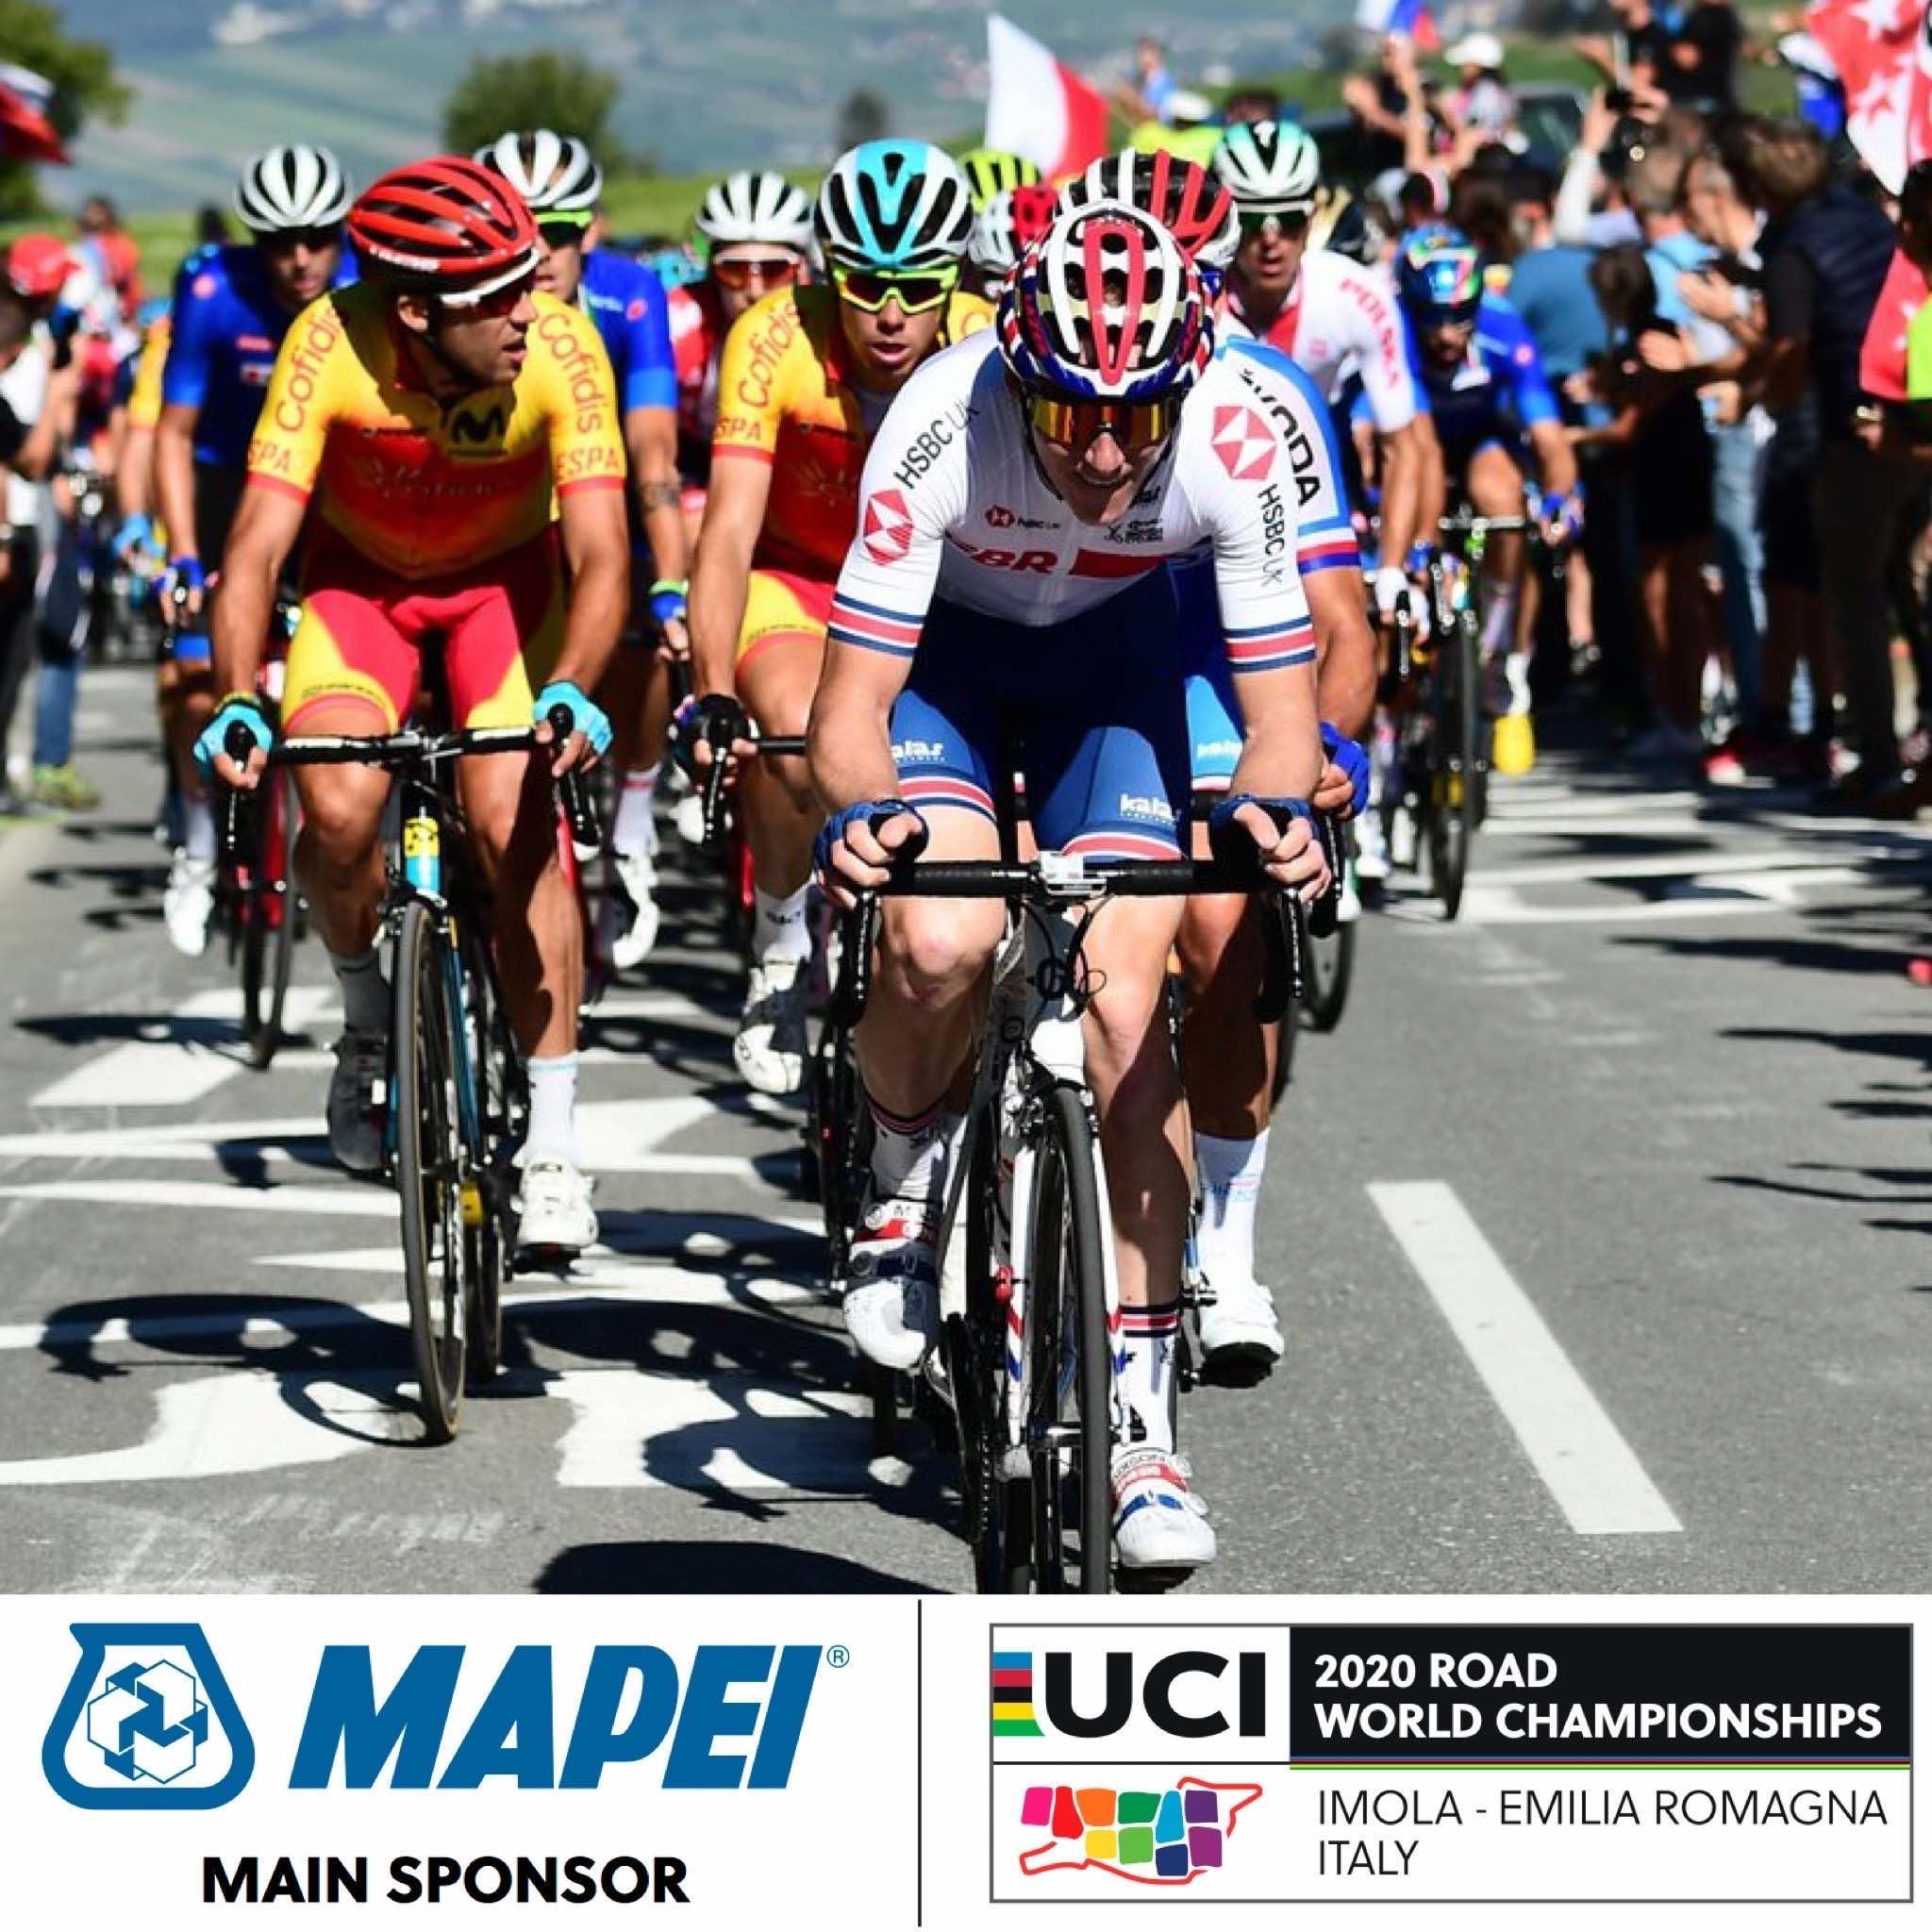 Mapei patrocina el Campeonato del Mundo en Ruta UCI 2020